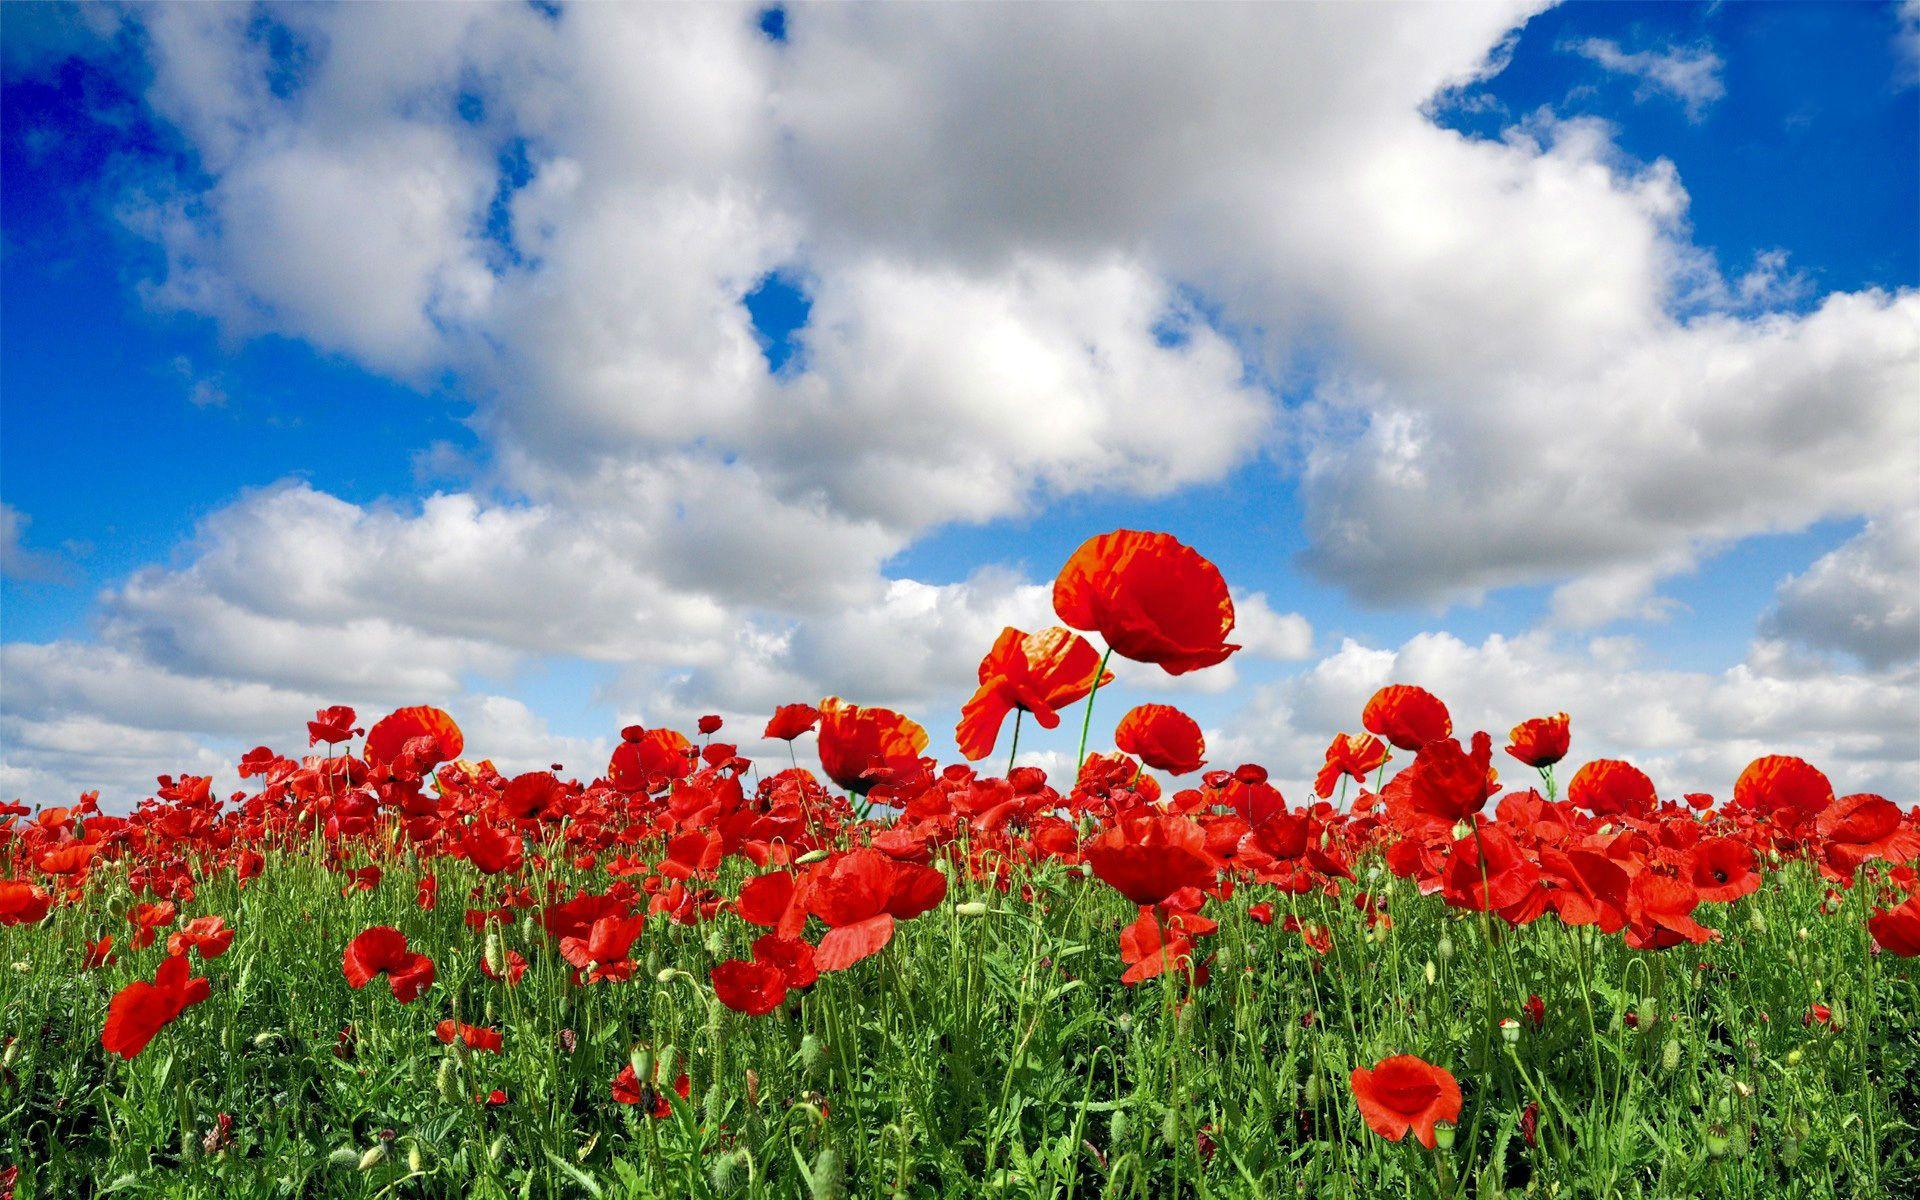 Beautiful Flowers Fields Wallpapers Hd Pictures Field Wallpaper Flower Field Poppy Wallpaper